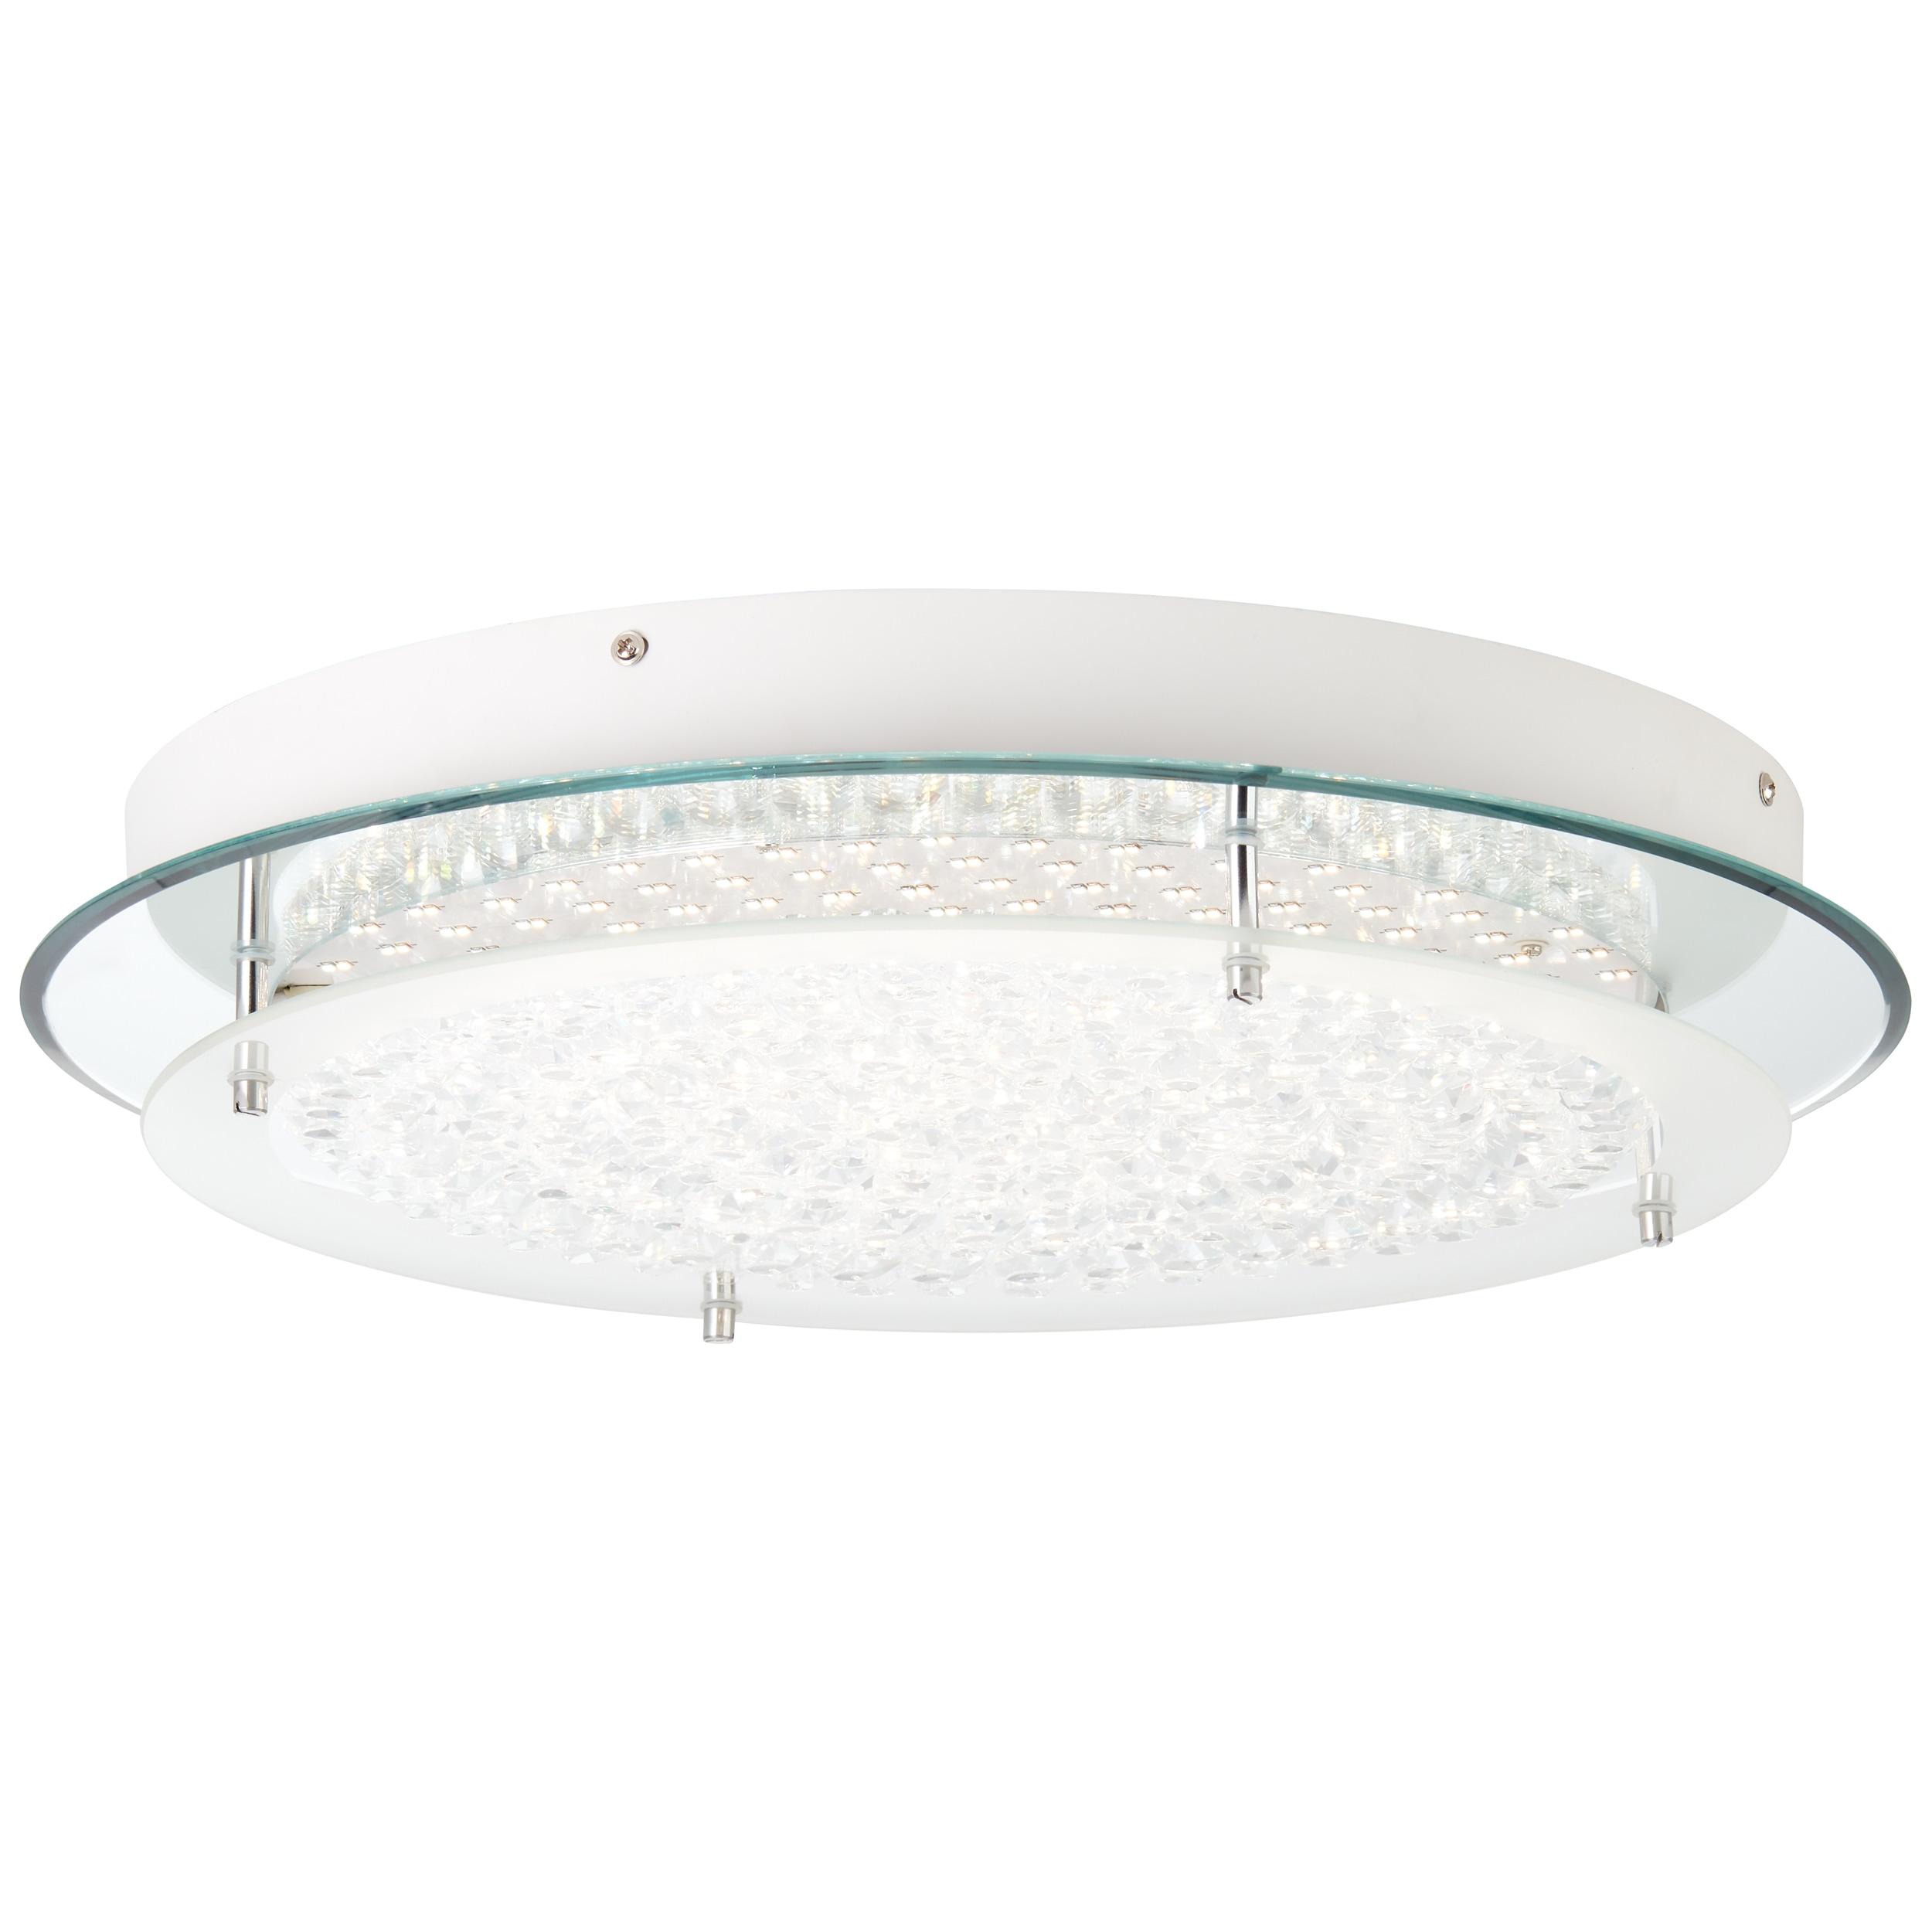 BreLight Jolene LED Wand- und Deckenleuchte 45cm chrom/transparent